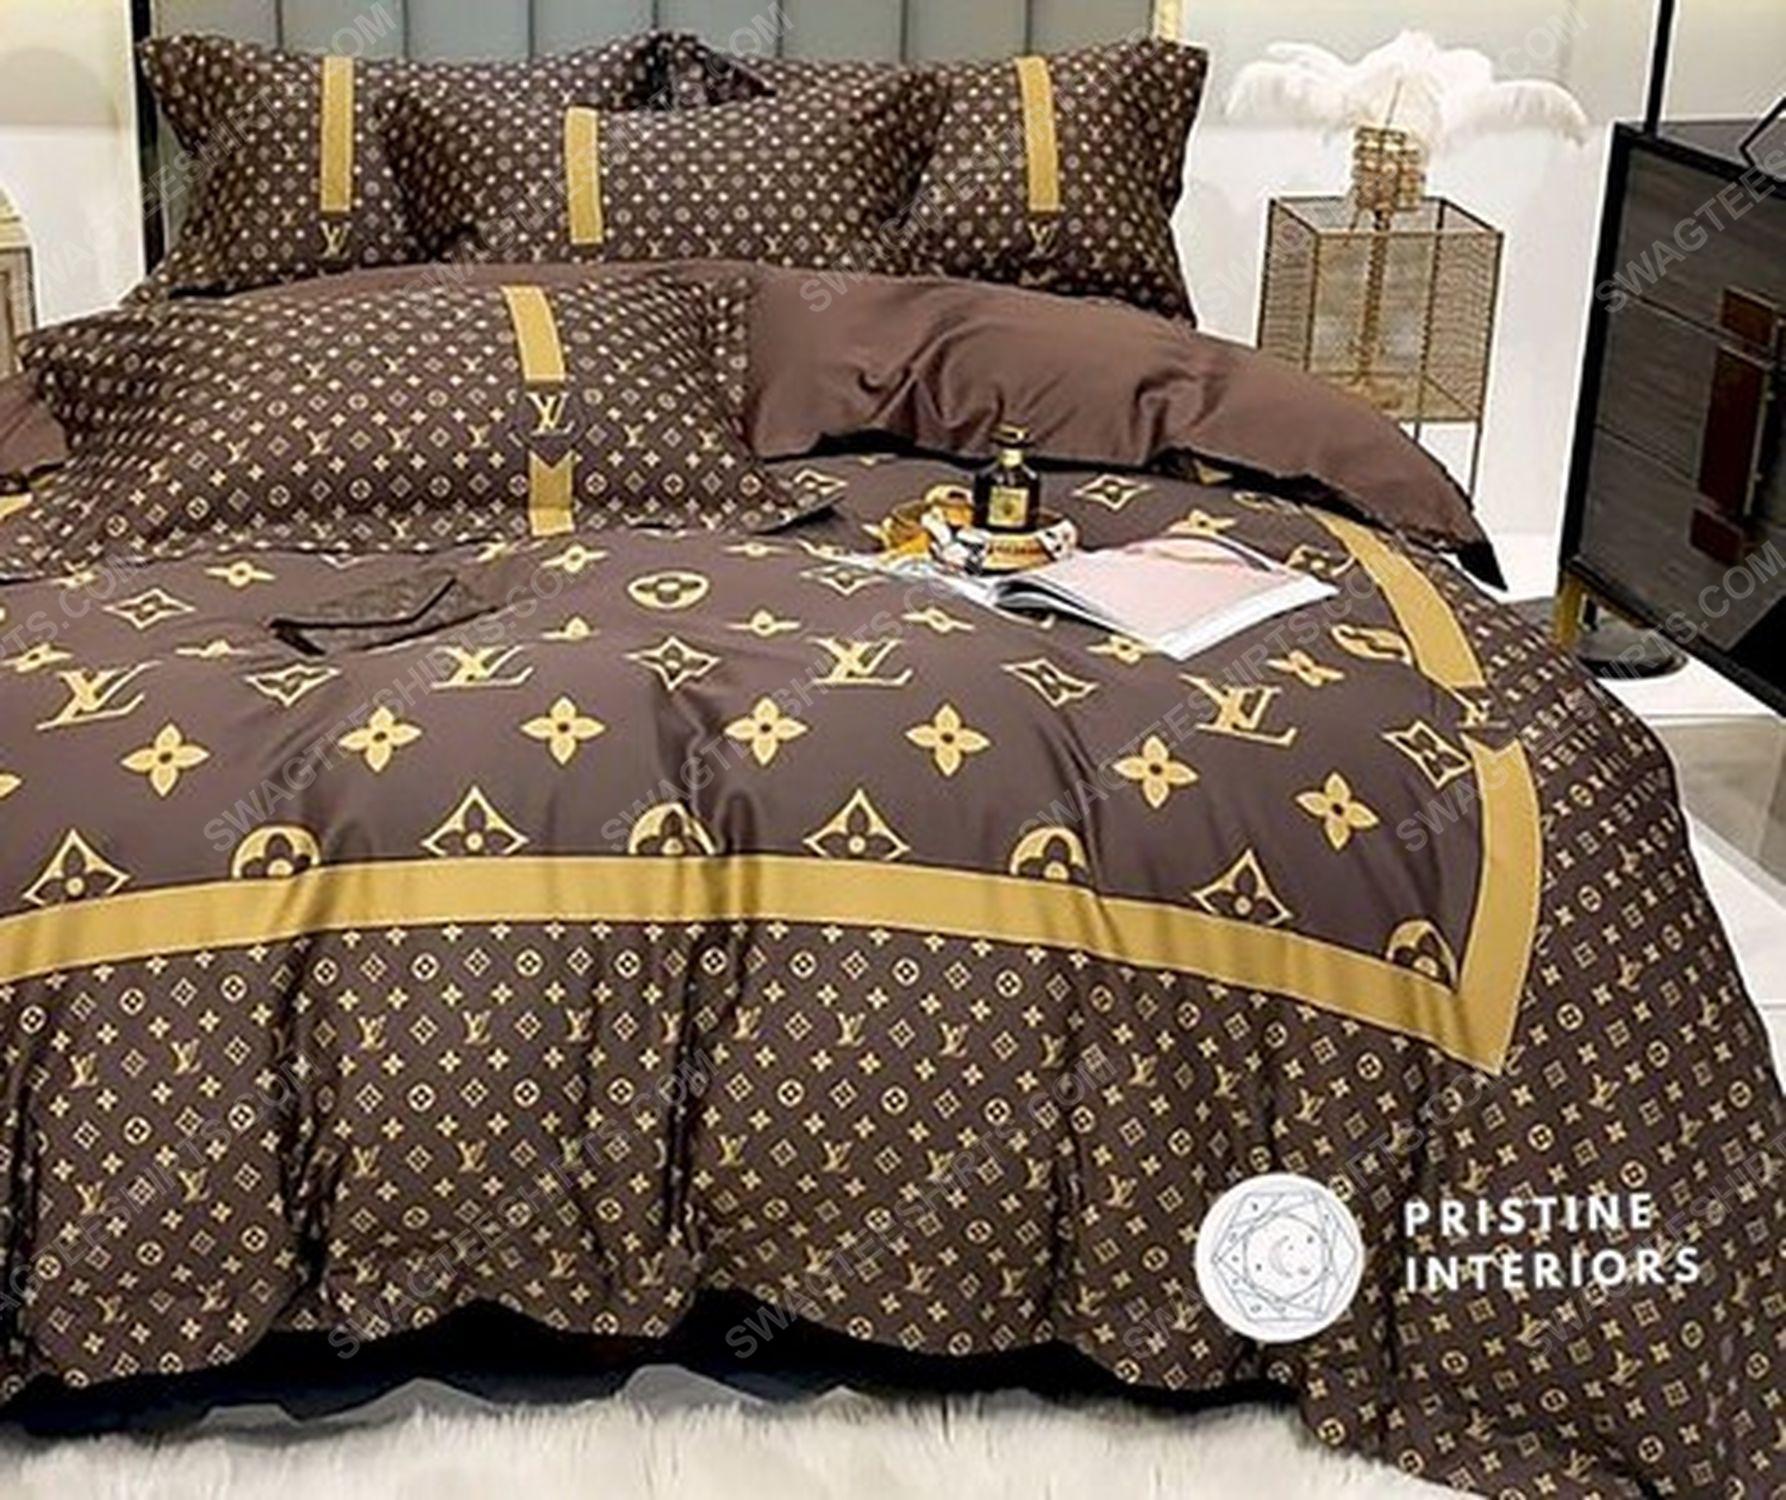 Lv monogram brown version full print duvet cover bedding set 2